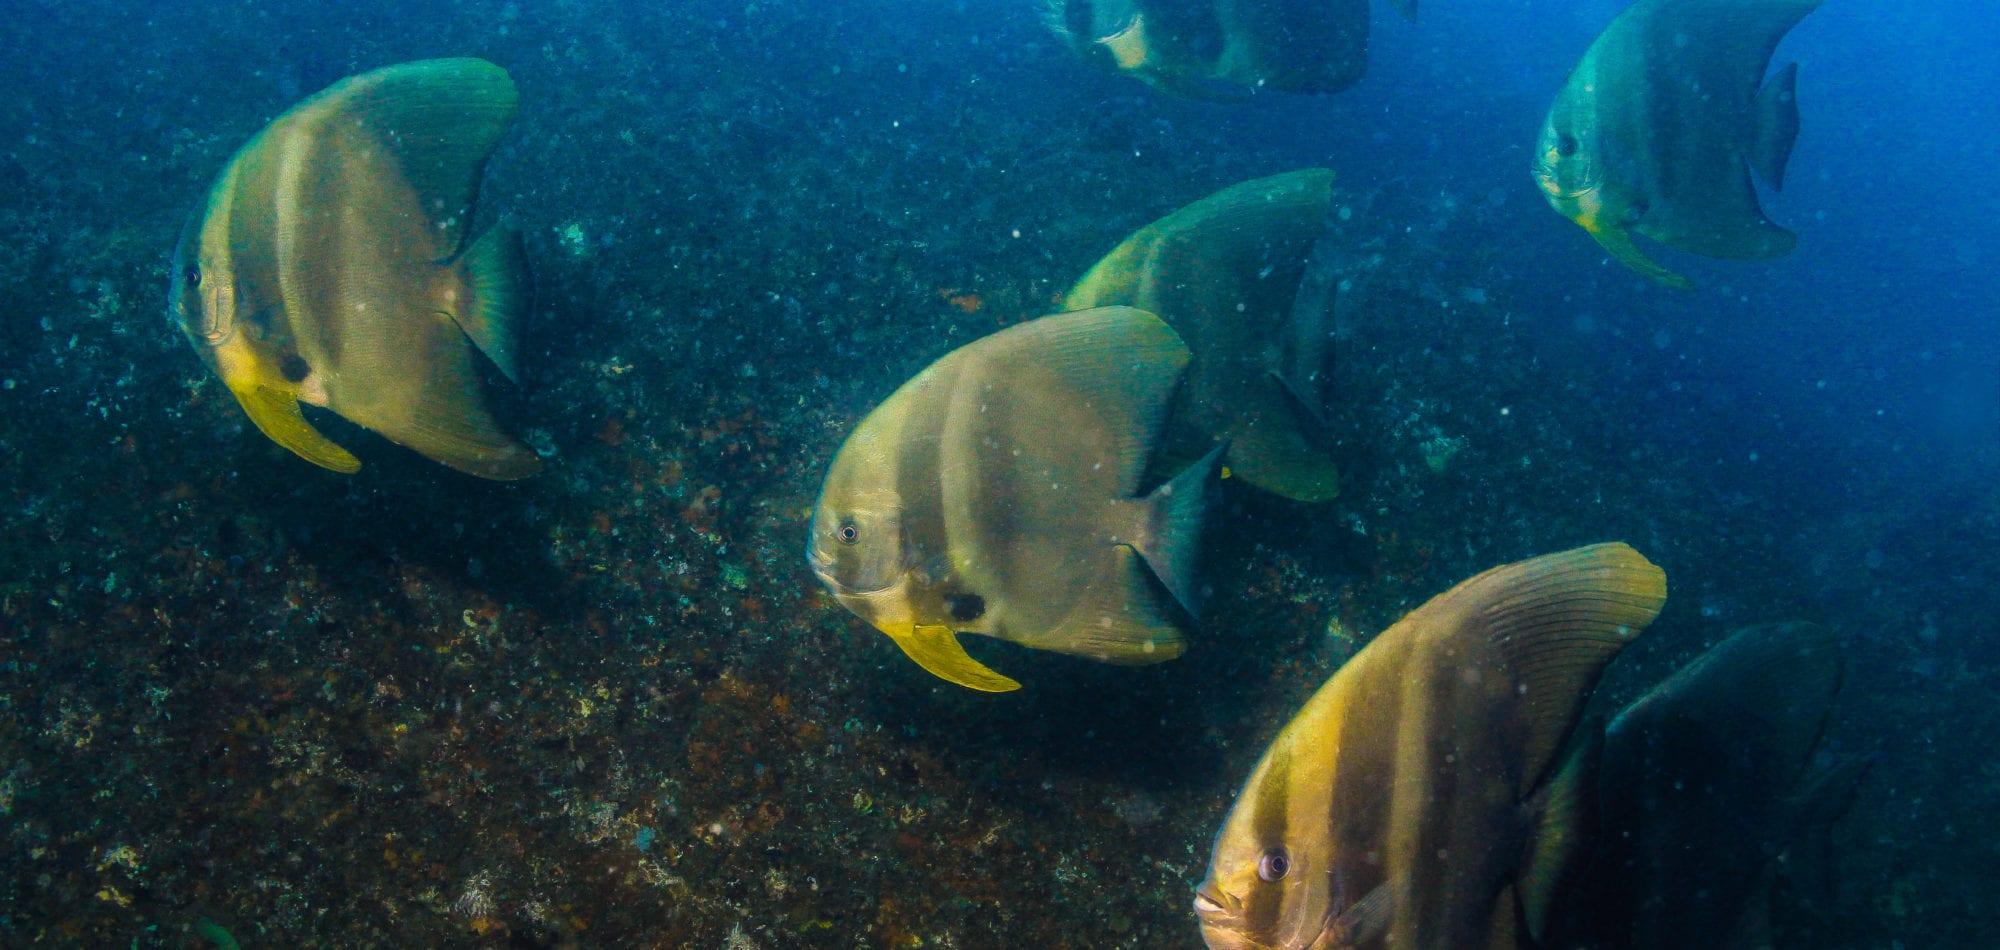 Scuba dive Australia - fish at Wolf Rock dive site